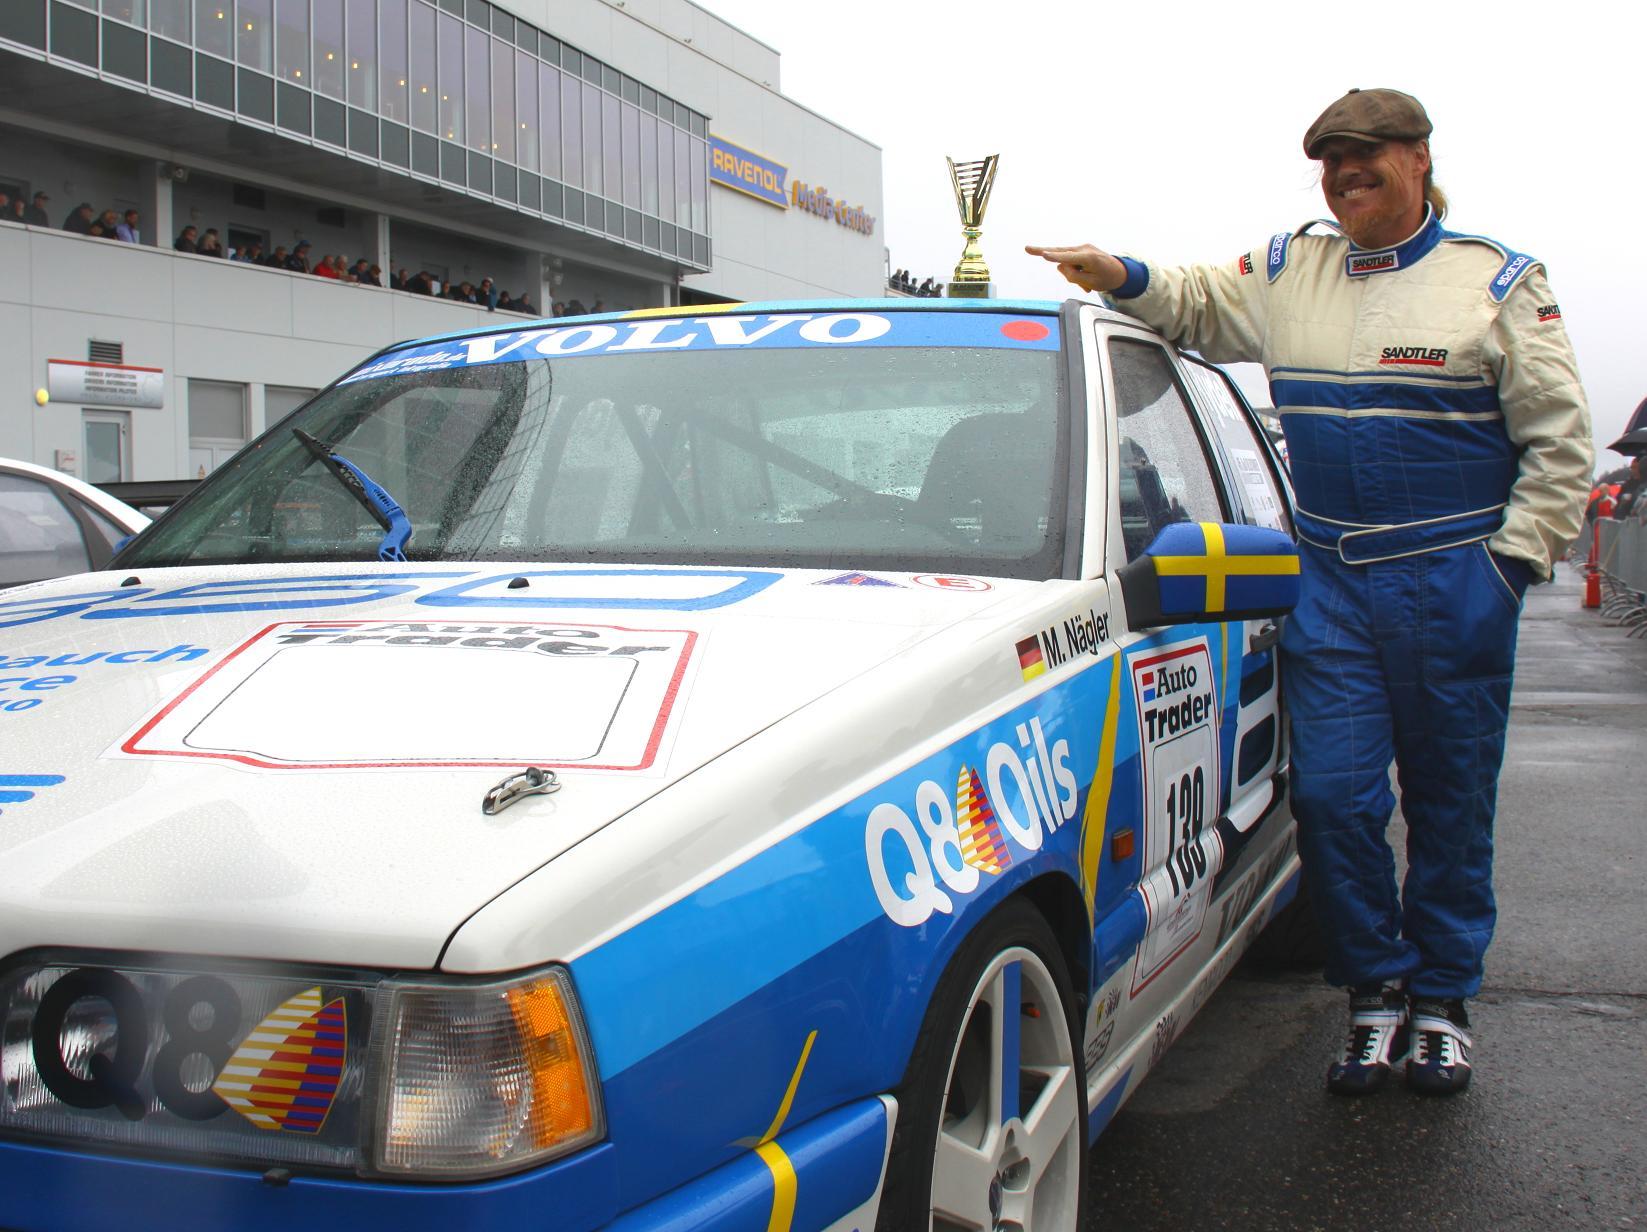 Das Glück steht ihm ins Gesicht geschrieben: Michael Nägler hat mit seinem Volvo 850 T5R beim Oldtimer Grand Prix am Nürburgring ein unvergessliches Wochenende erlebt.